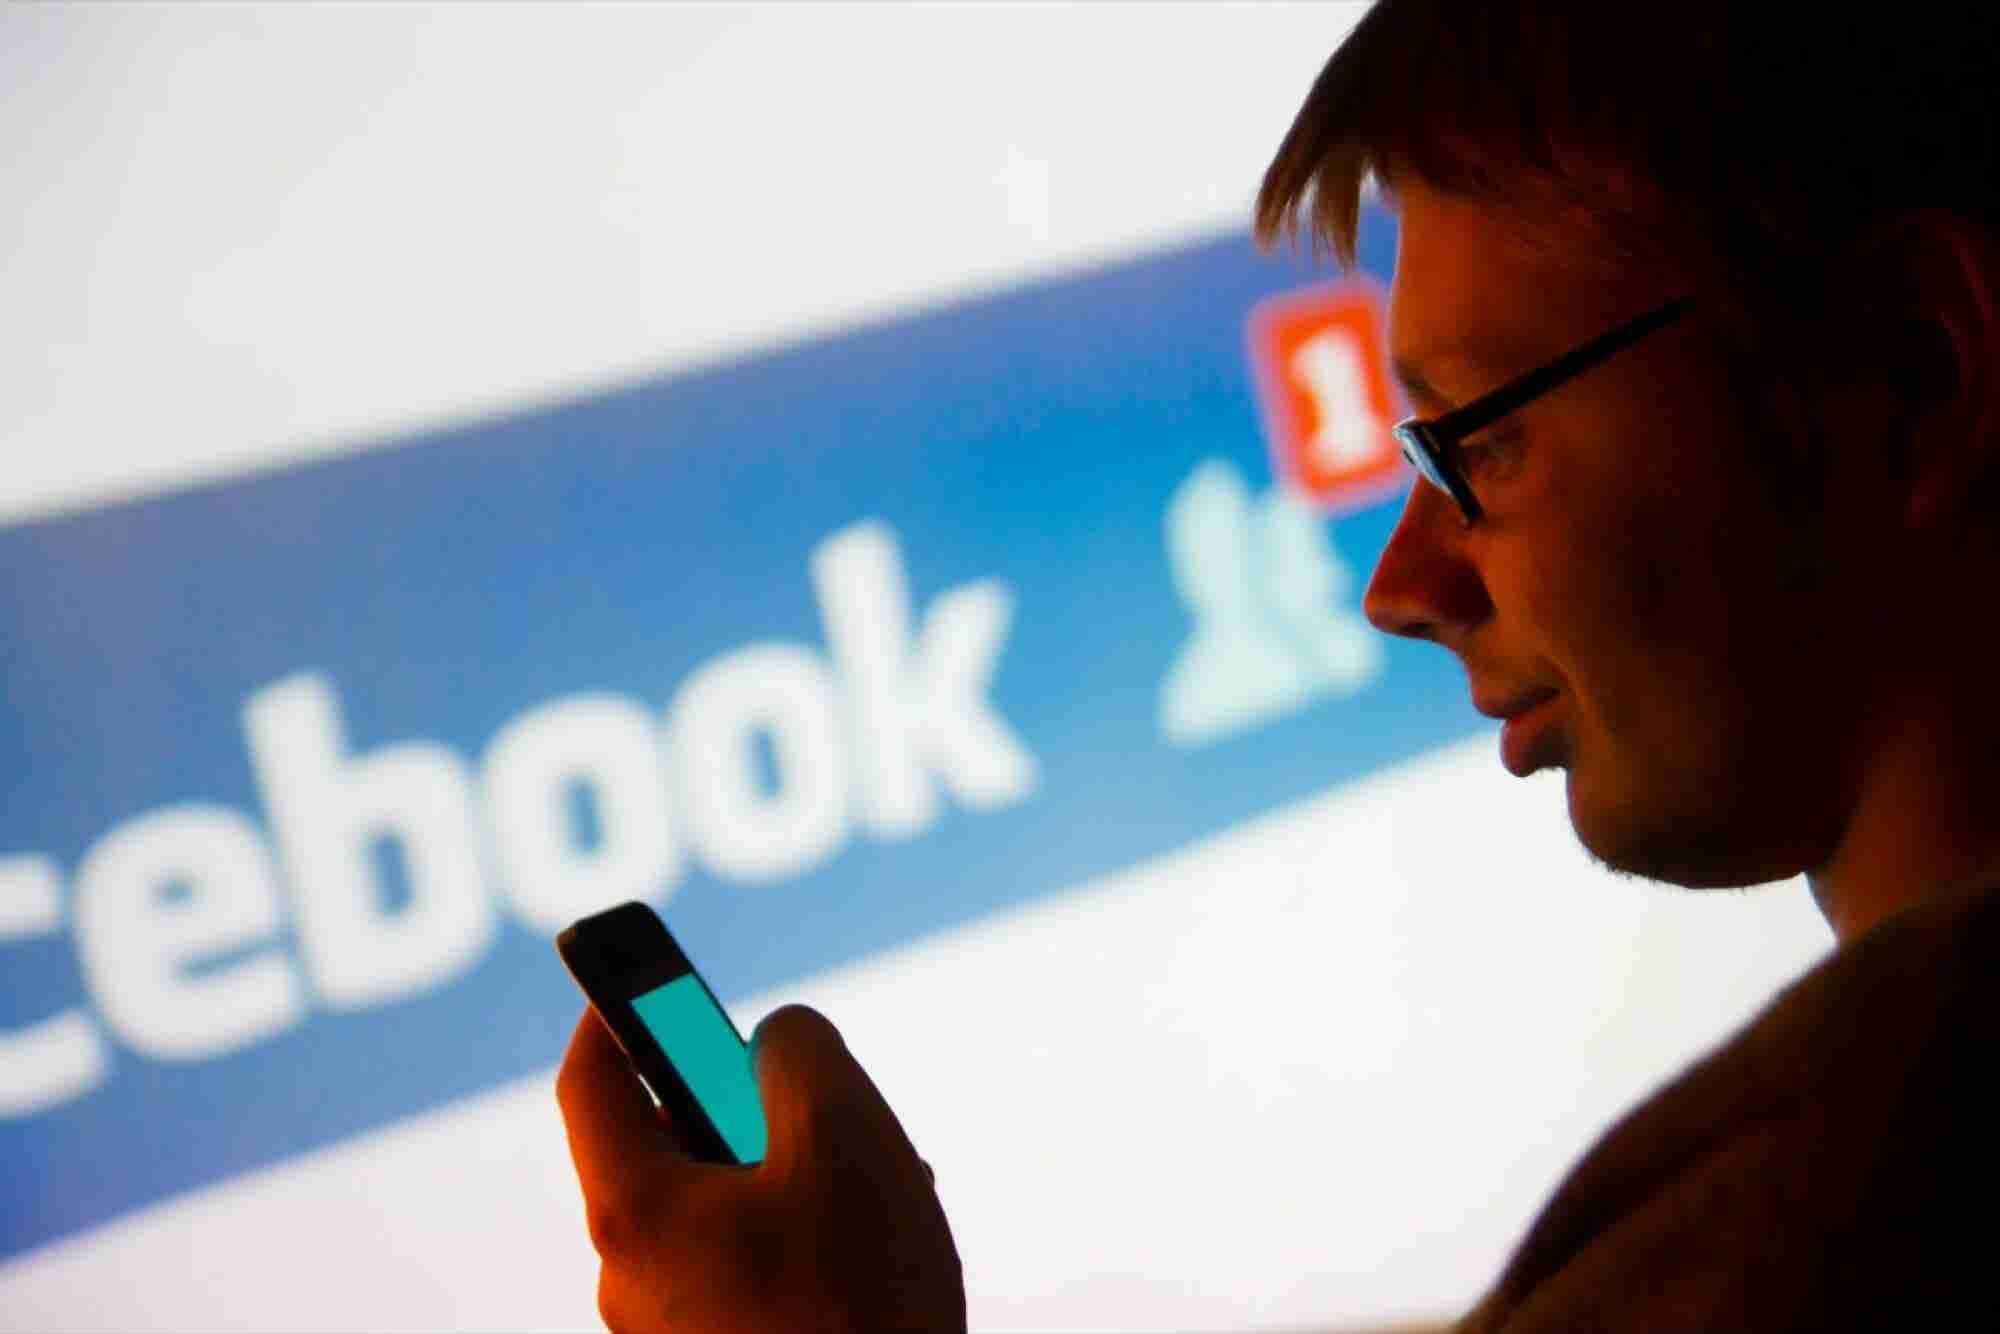 La nueva ley que castiga los discursos de odio en Facebook